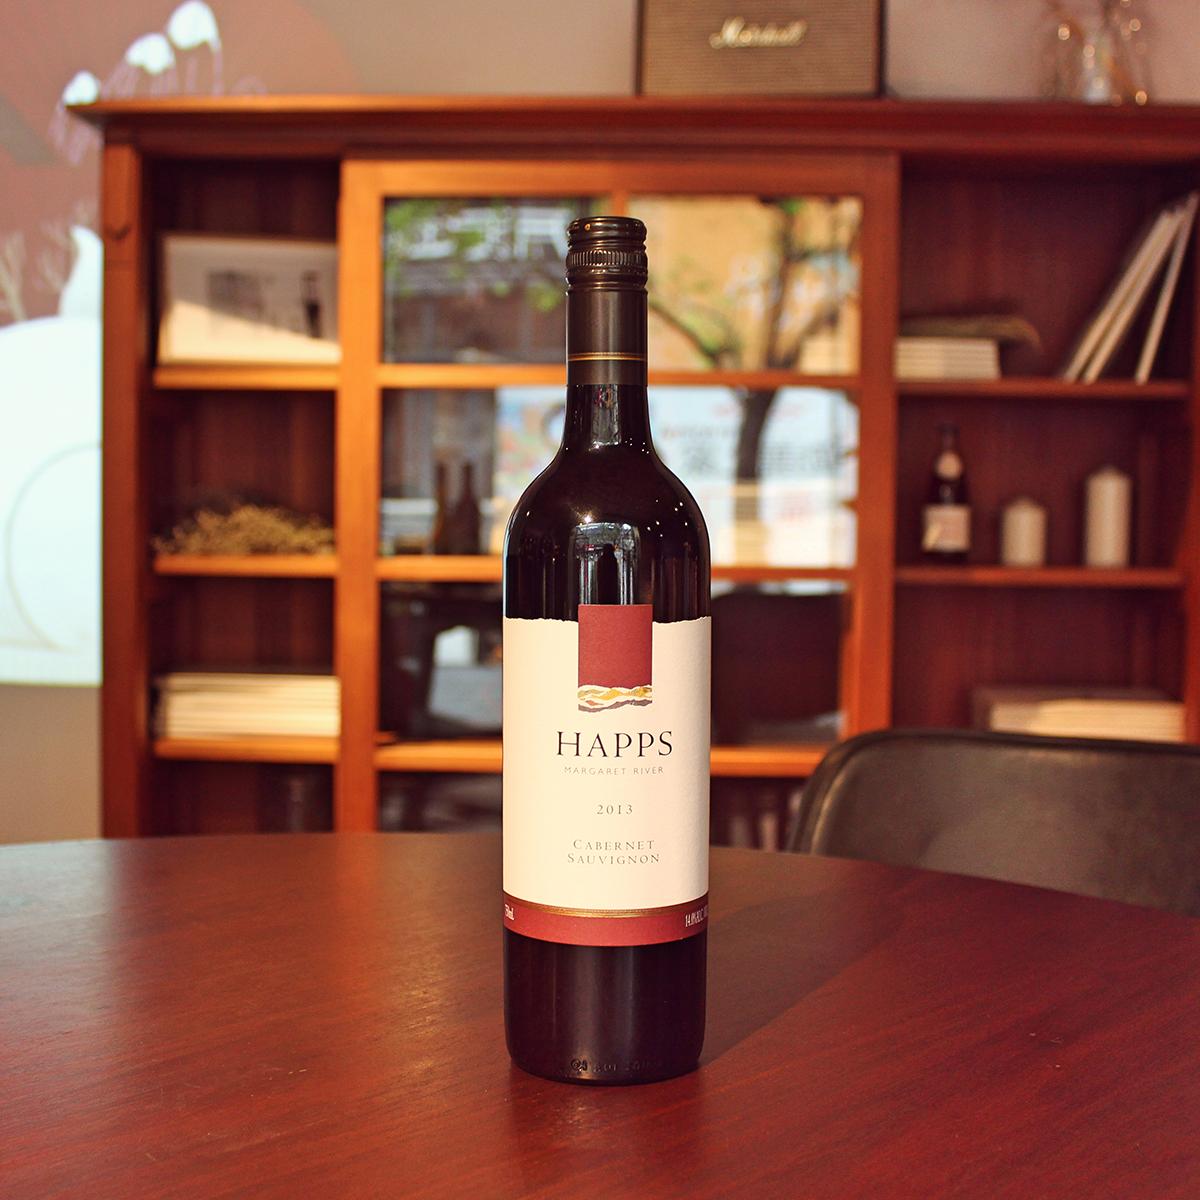 愛葡赤霞珠干紅葡萄酒